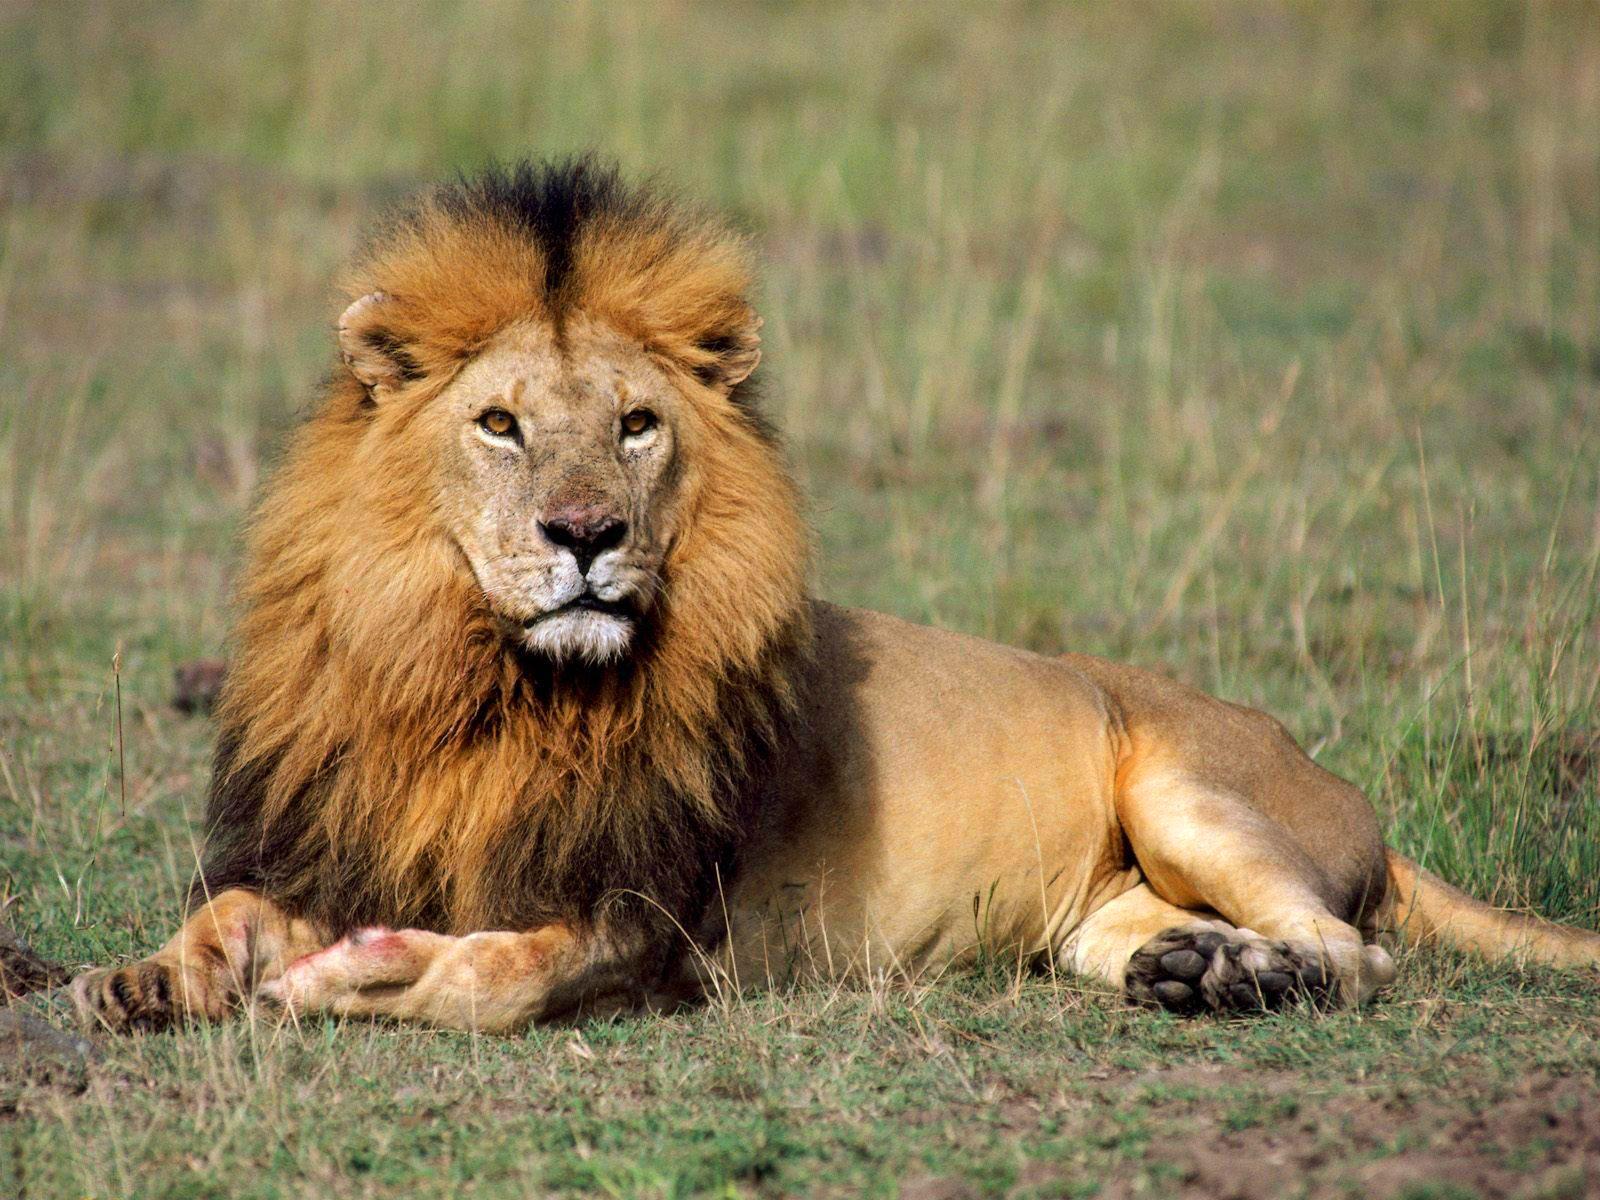 Lion Wallpaper Downloadpetite-soumiselylye